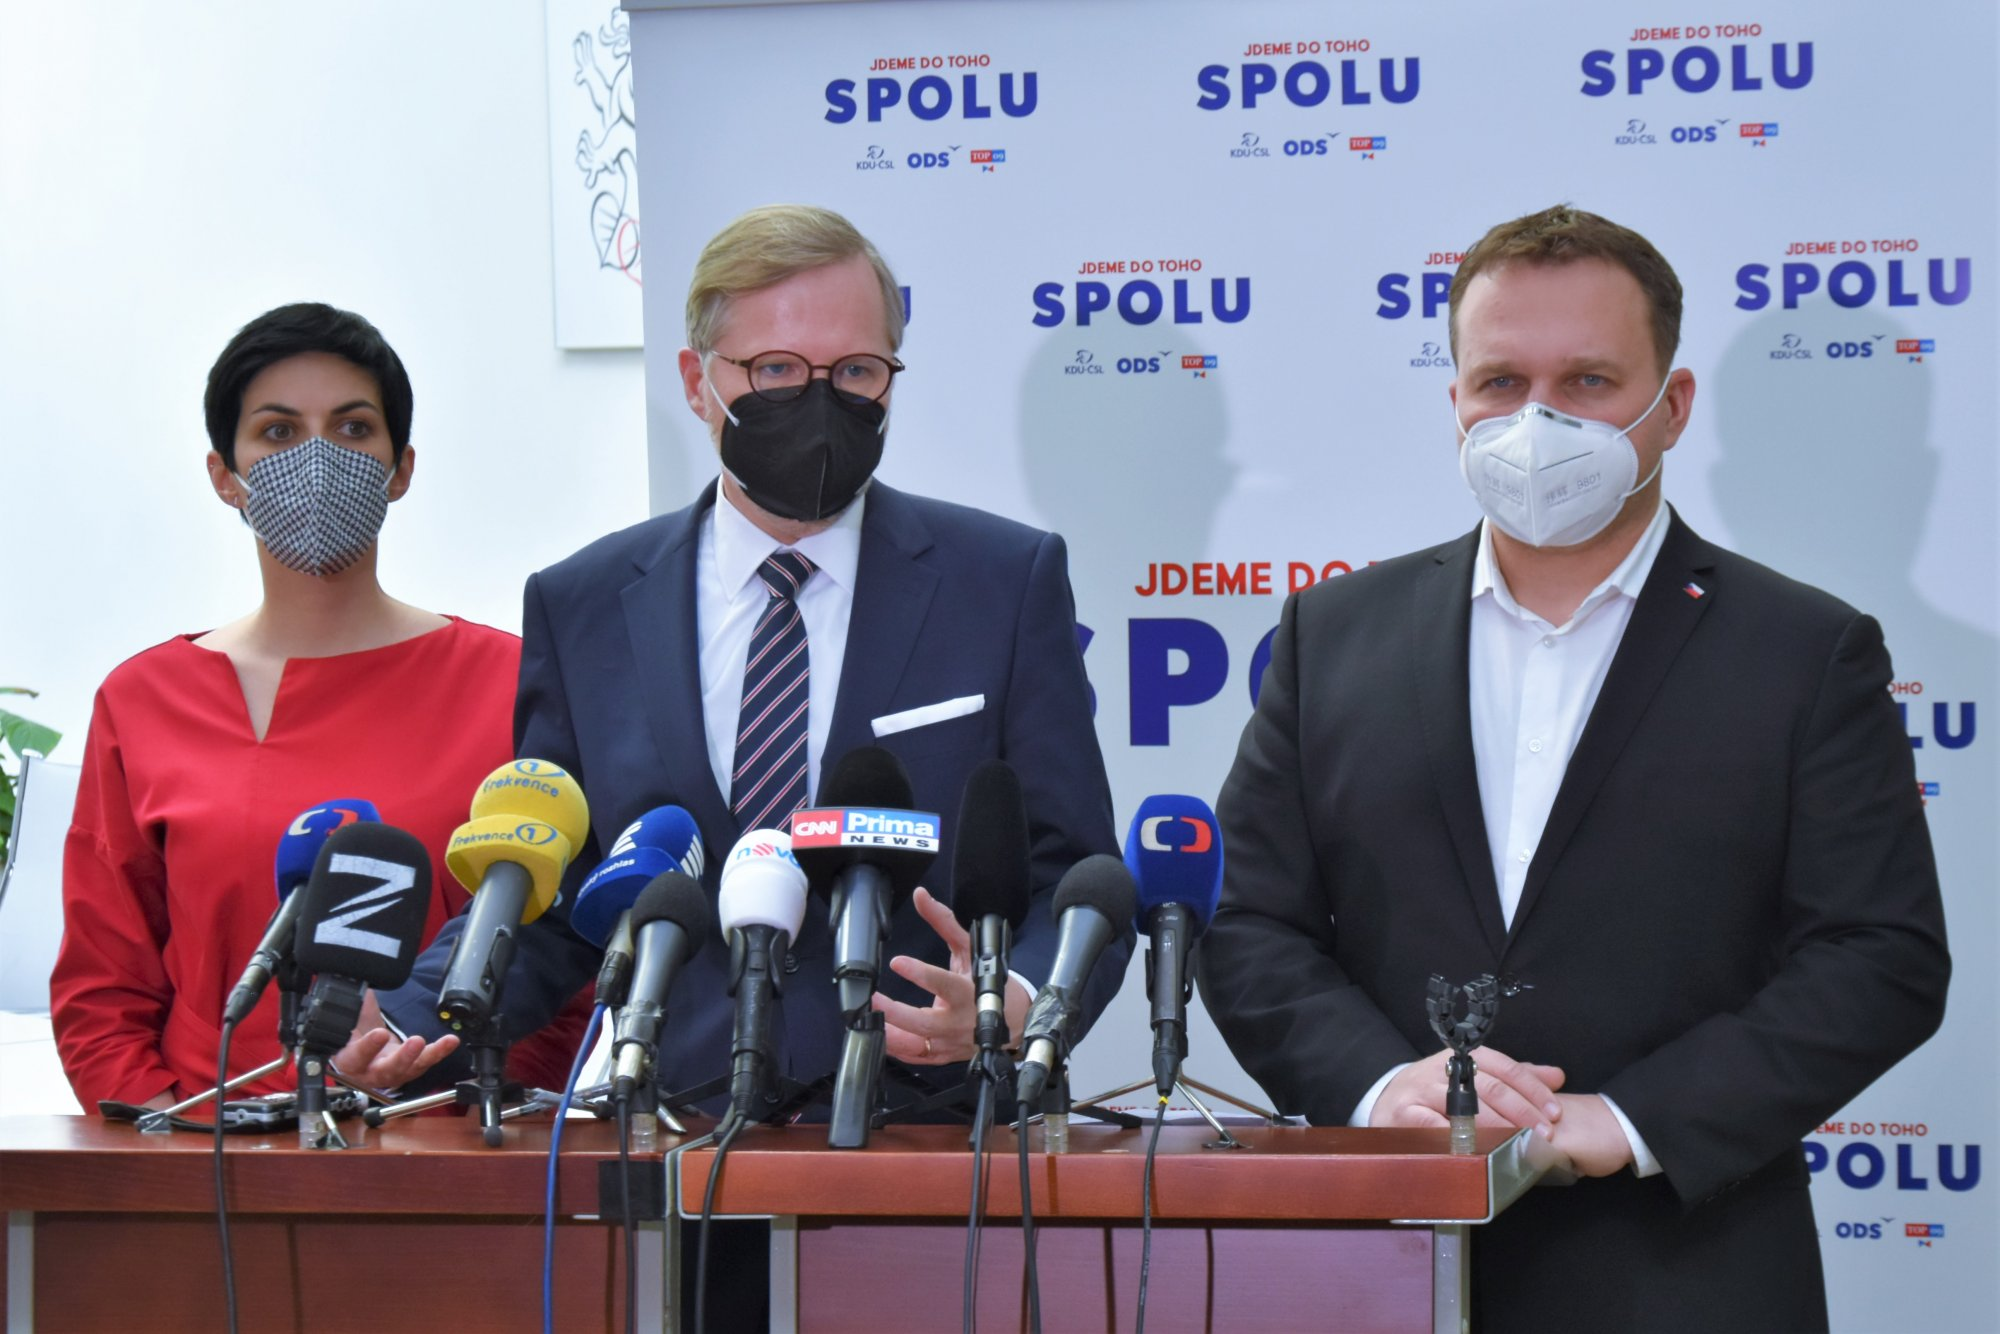 SPOLU: Dohodu o rychlém projednání pandemického zákona chceme dodržet, od vlády ale čekáme konkrétnější kroky v řešení pandemie